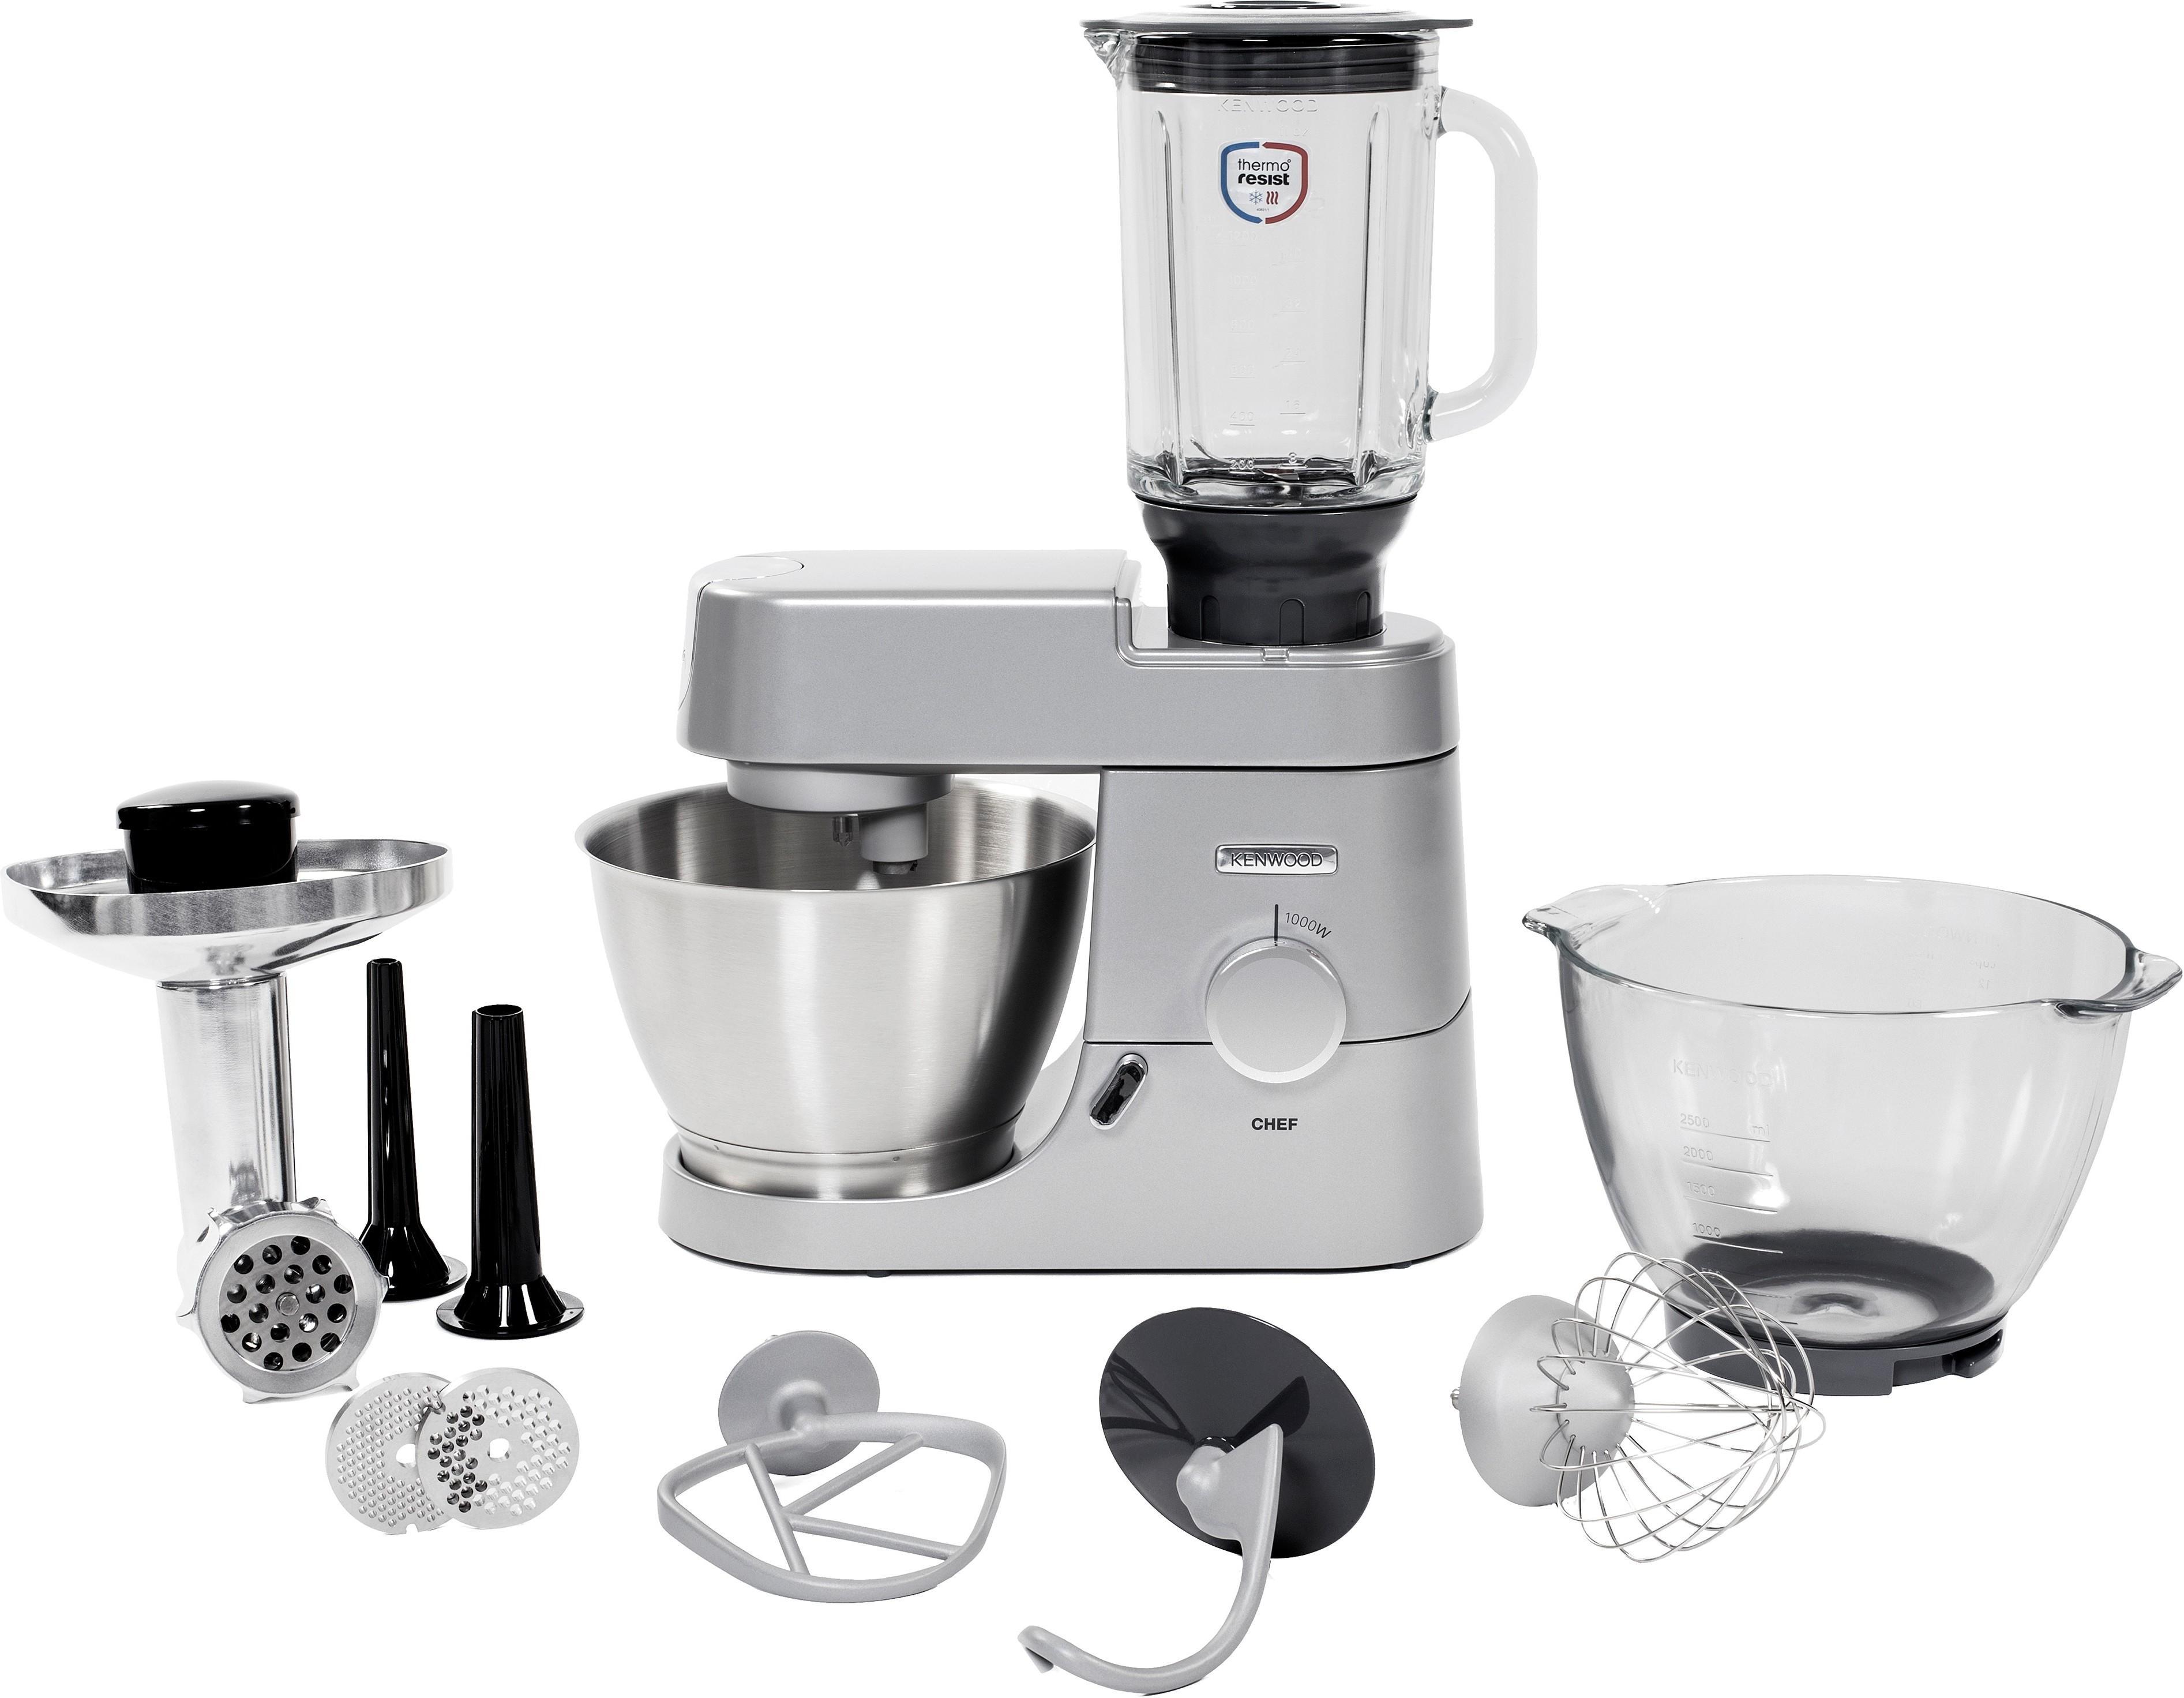 Utrolig Best pris på kjøkkenmaskin - Se priser før kjøp i Prisguiden NY-05